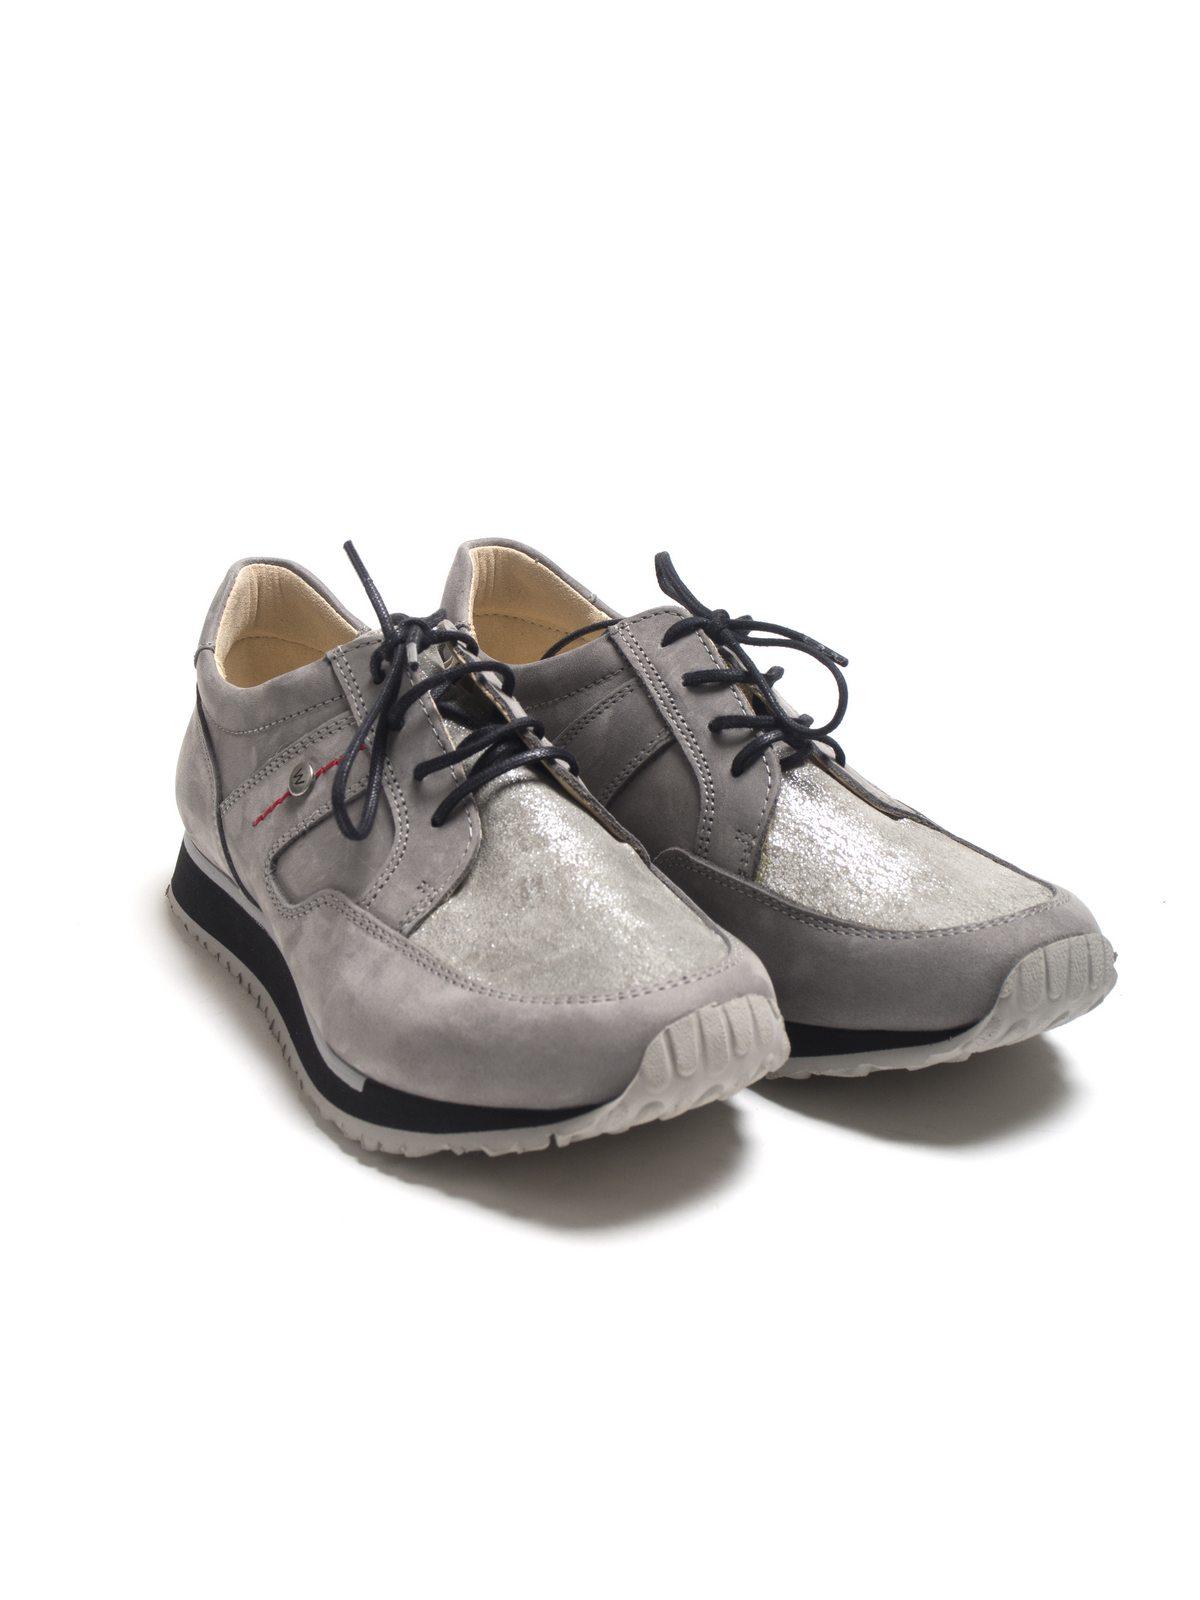 E-walk Grey - Jessie Juniper - Women's